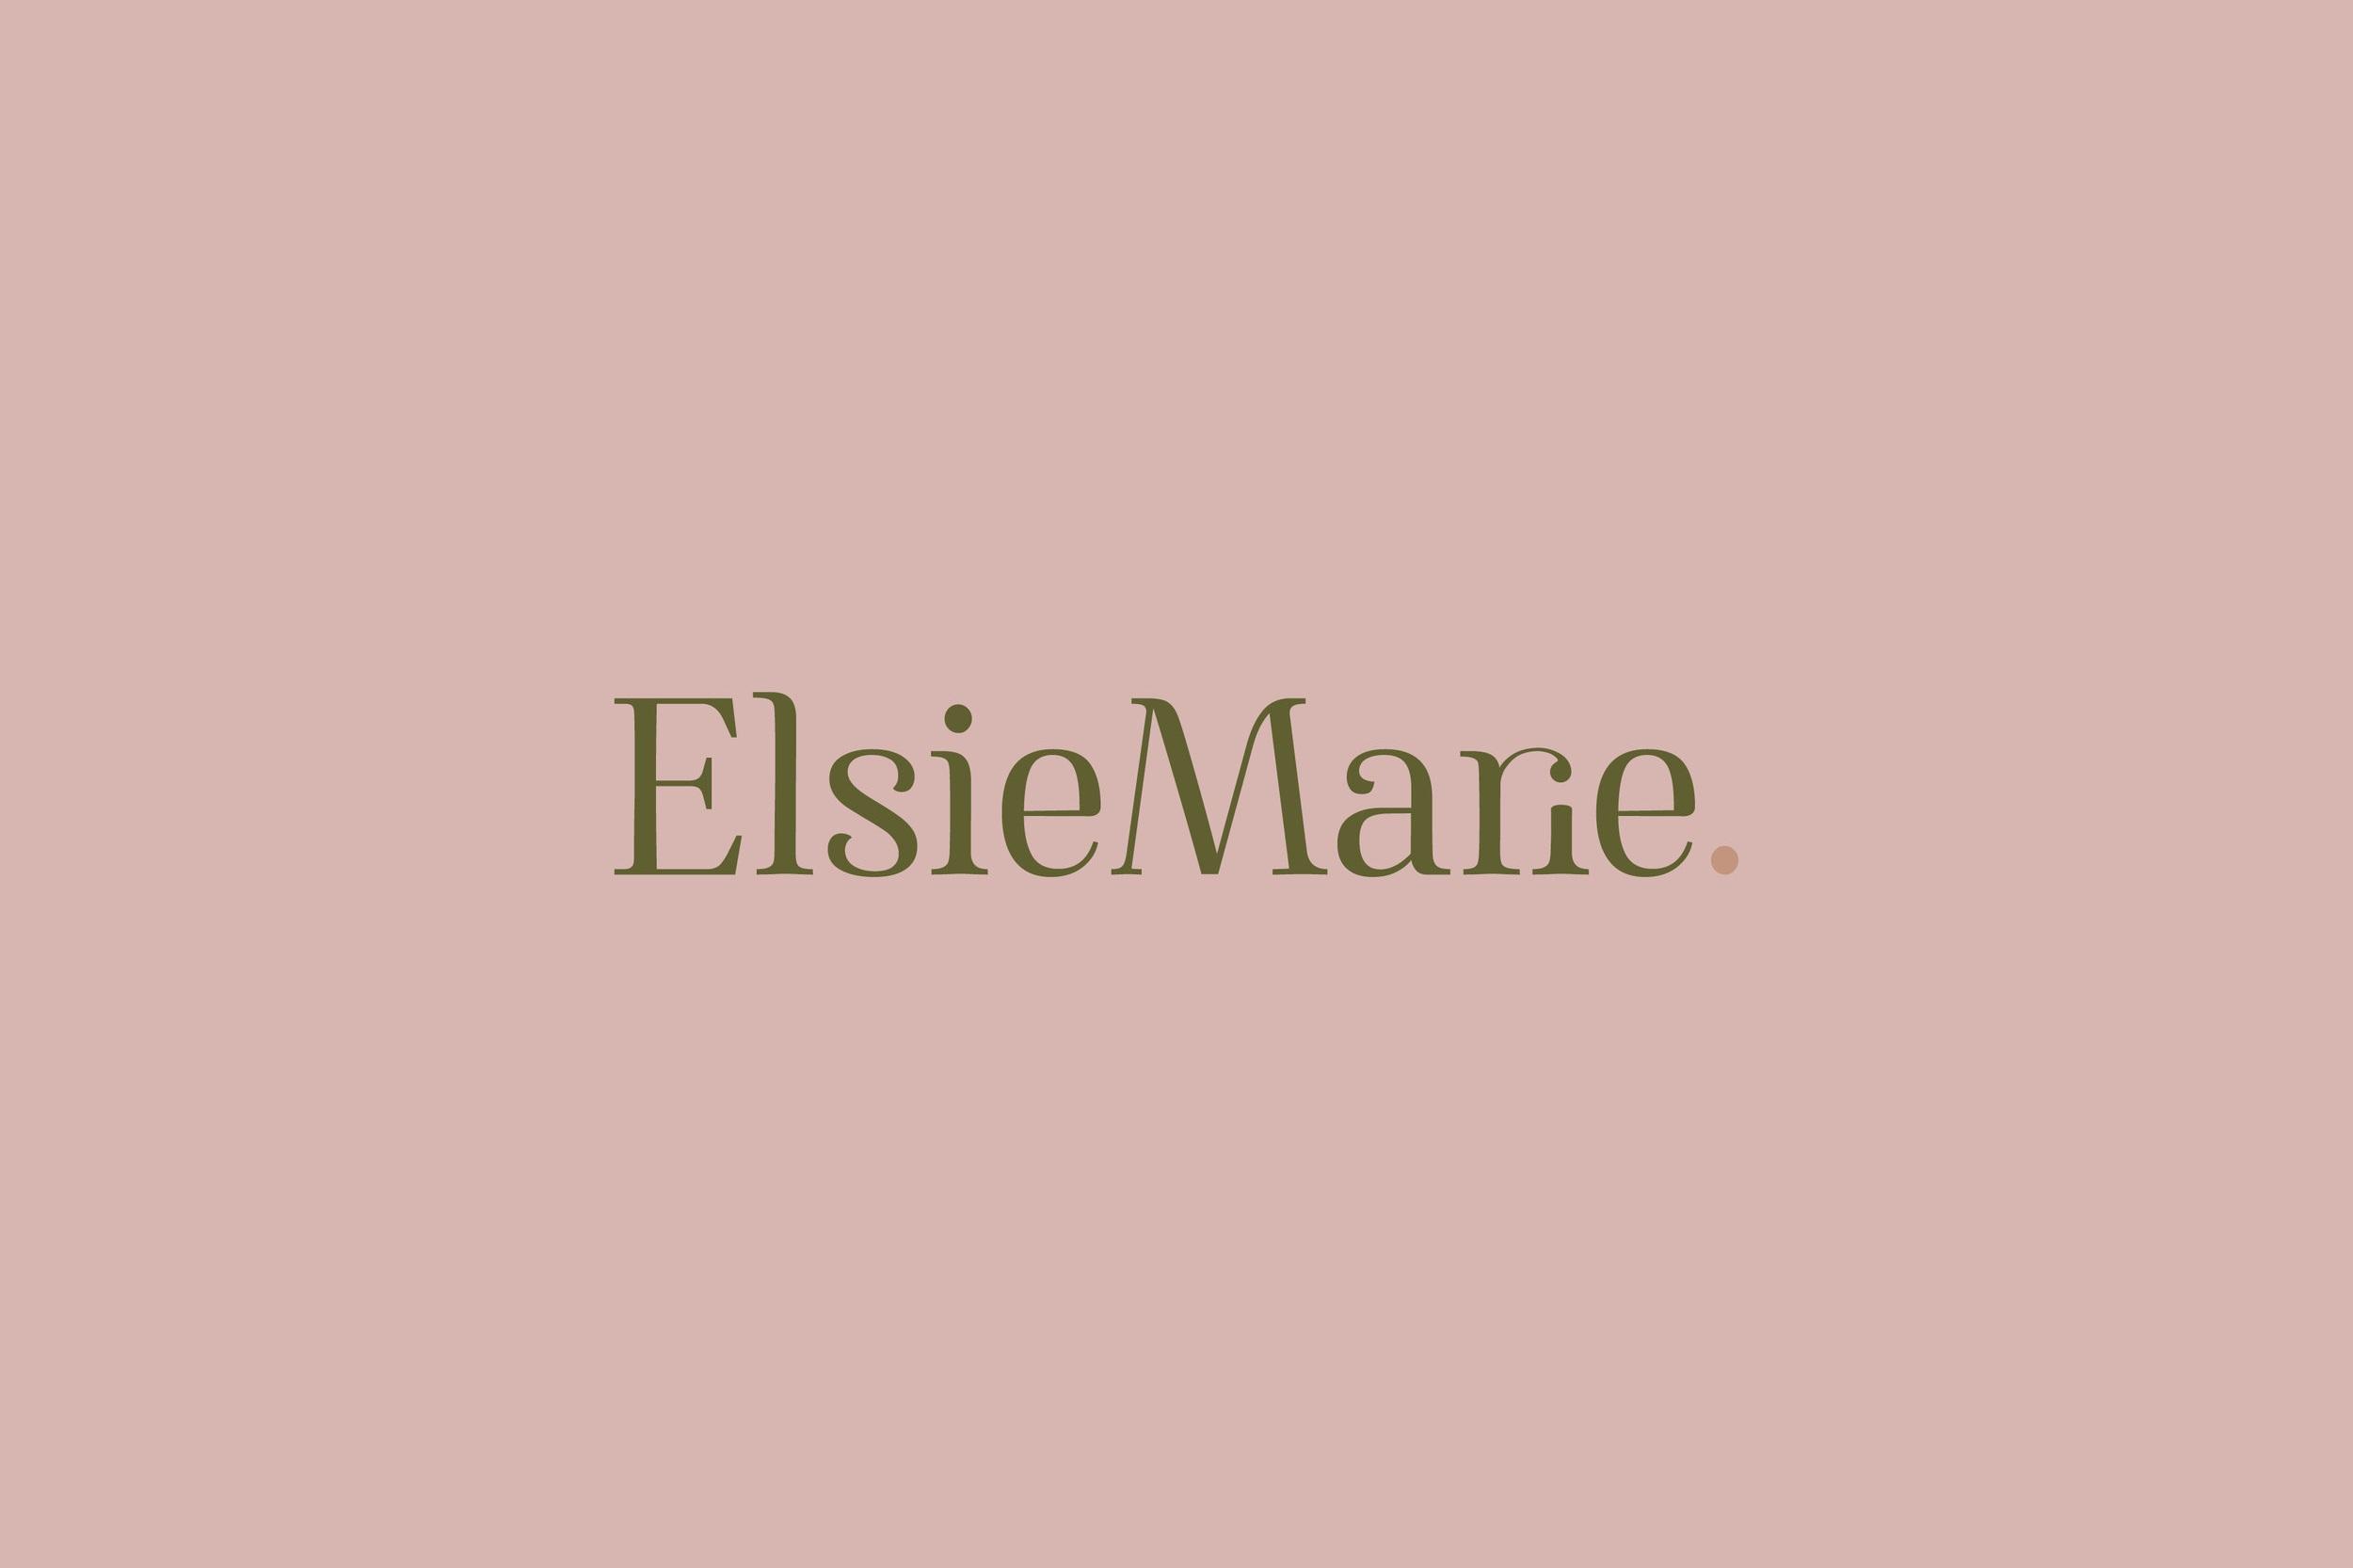 ElsieMarie+Guidelines.jpg